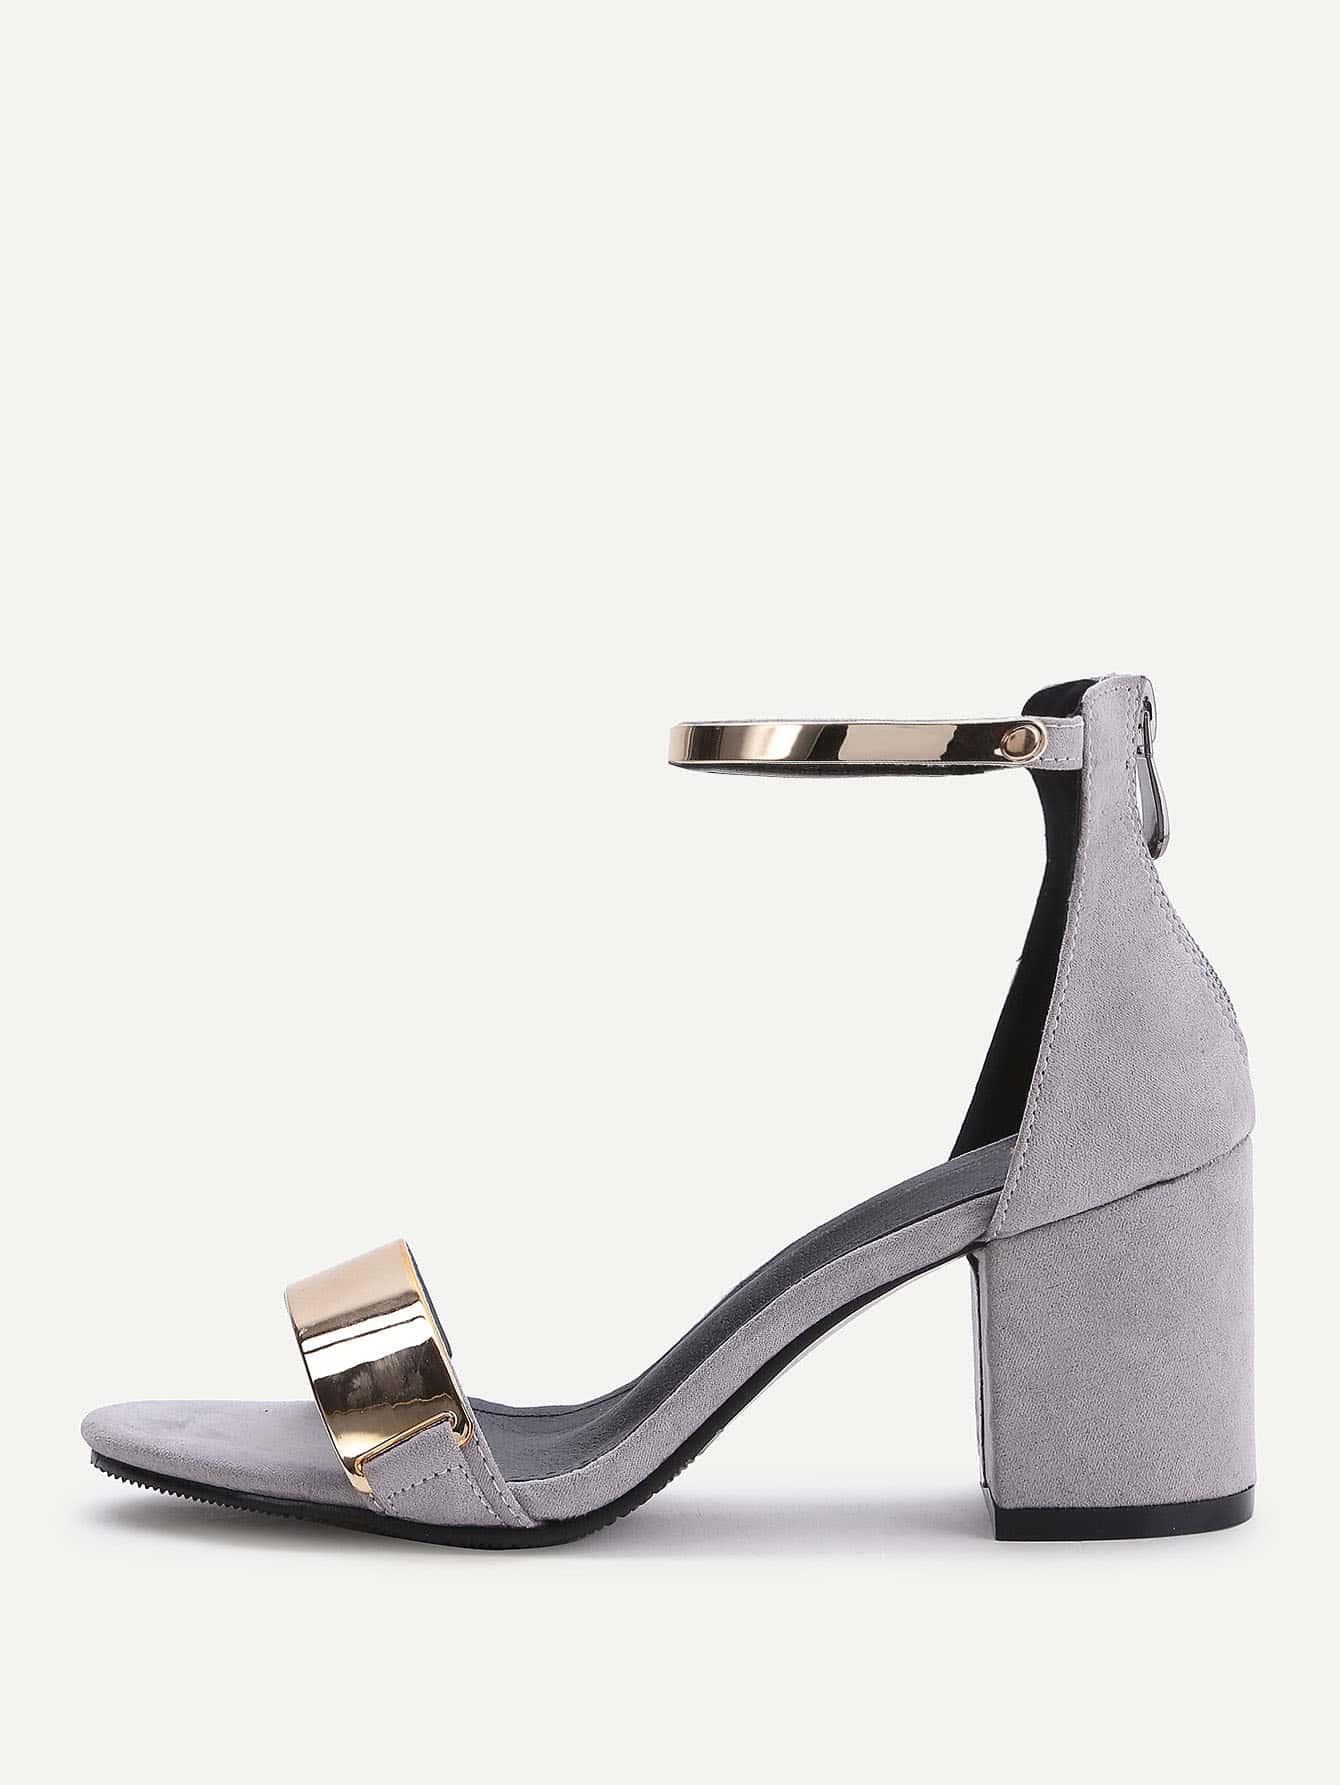 shoes170313802_2